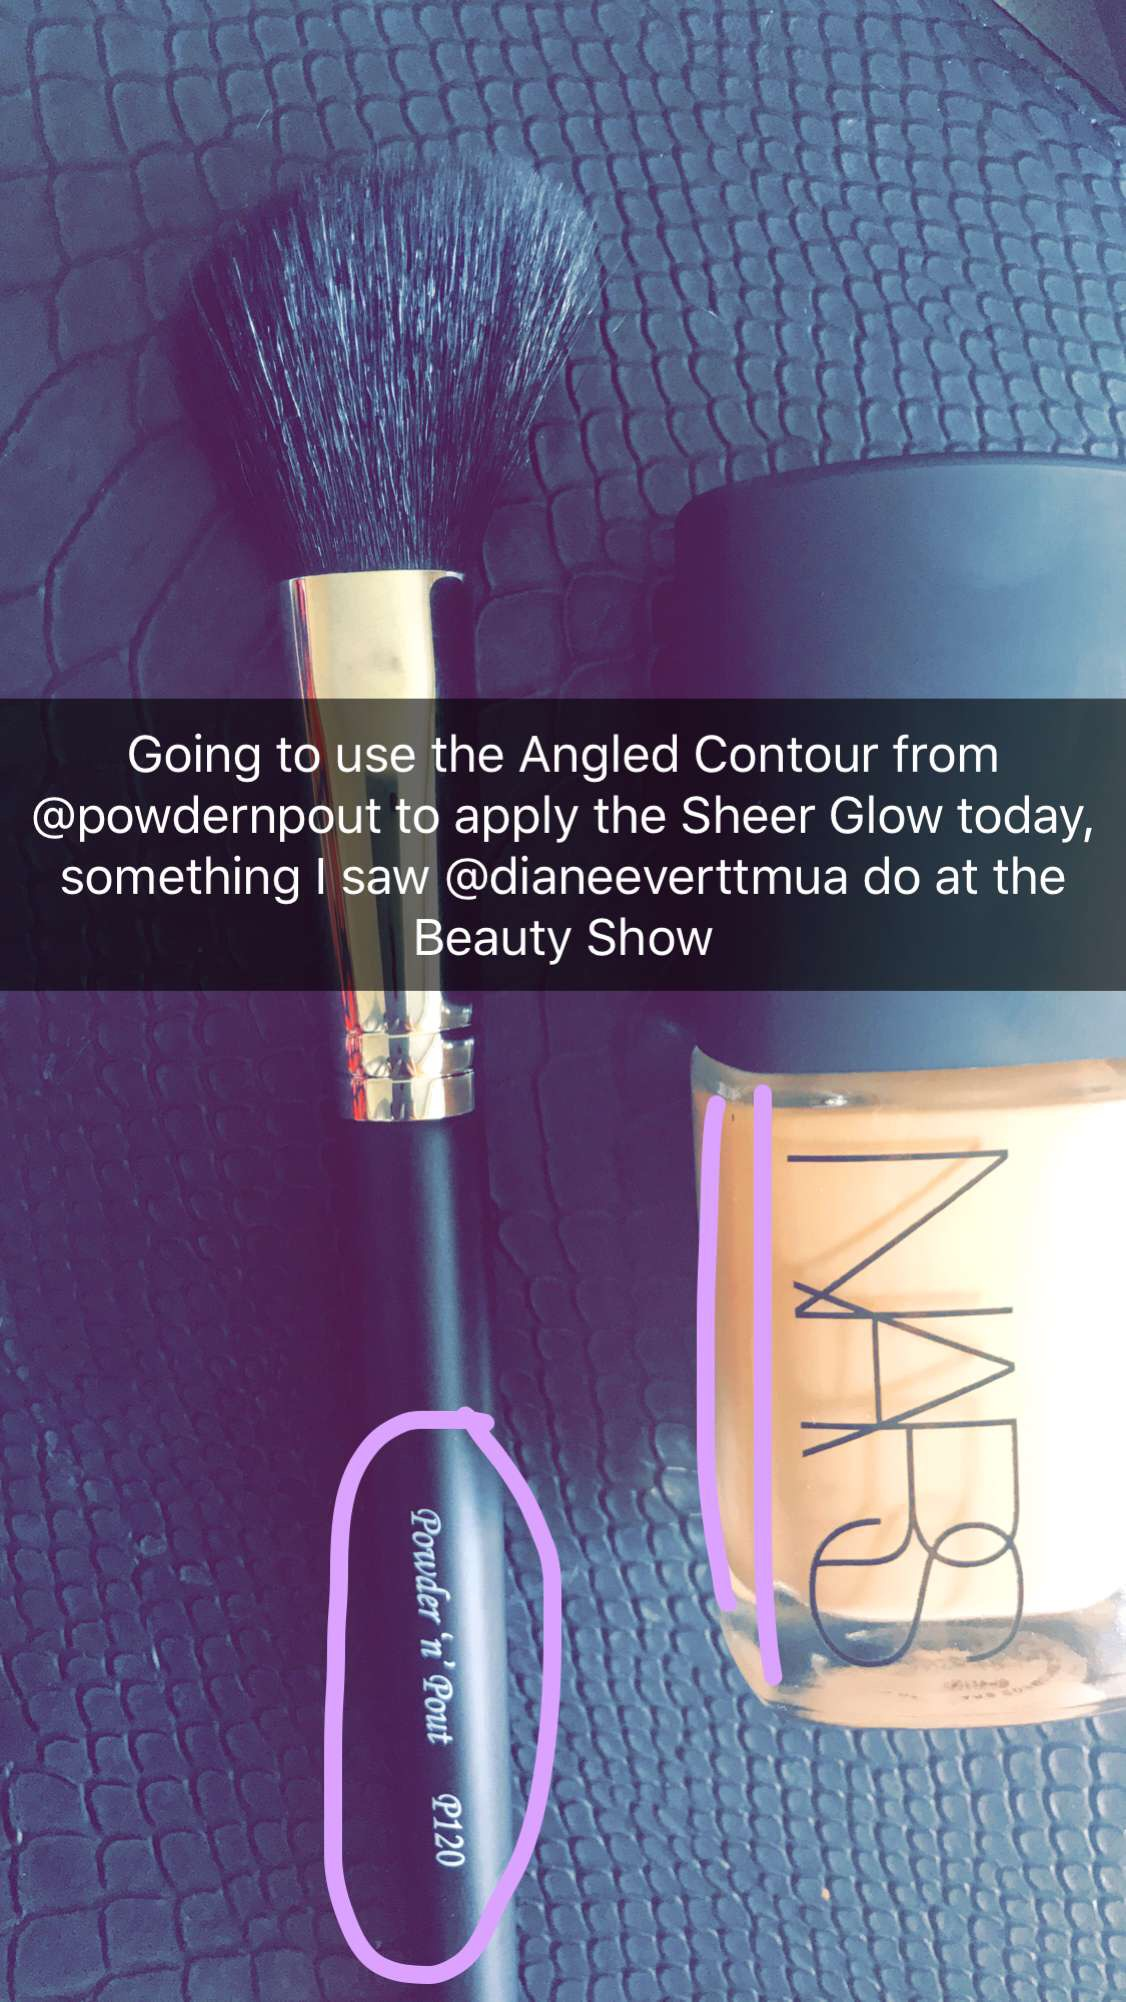 Nars Sheer Glow